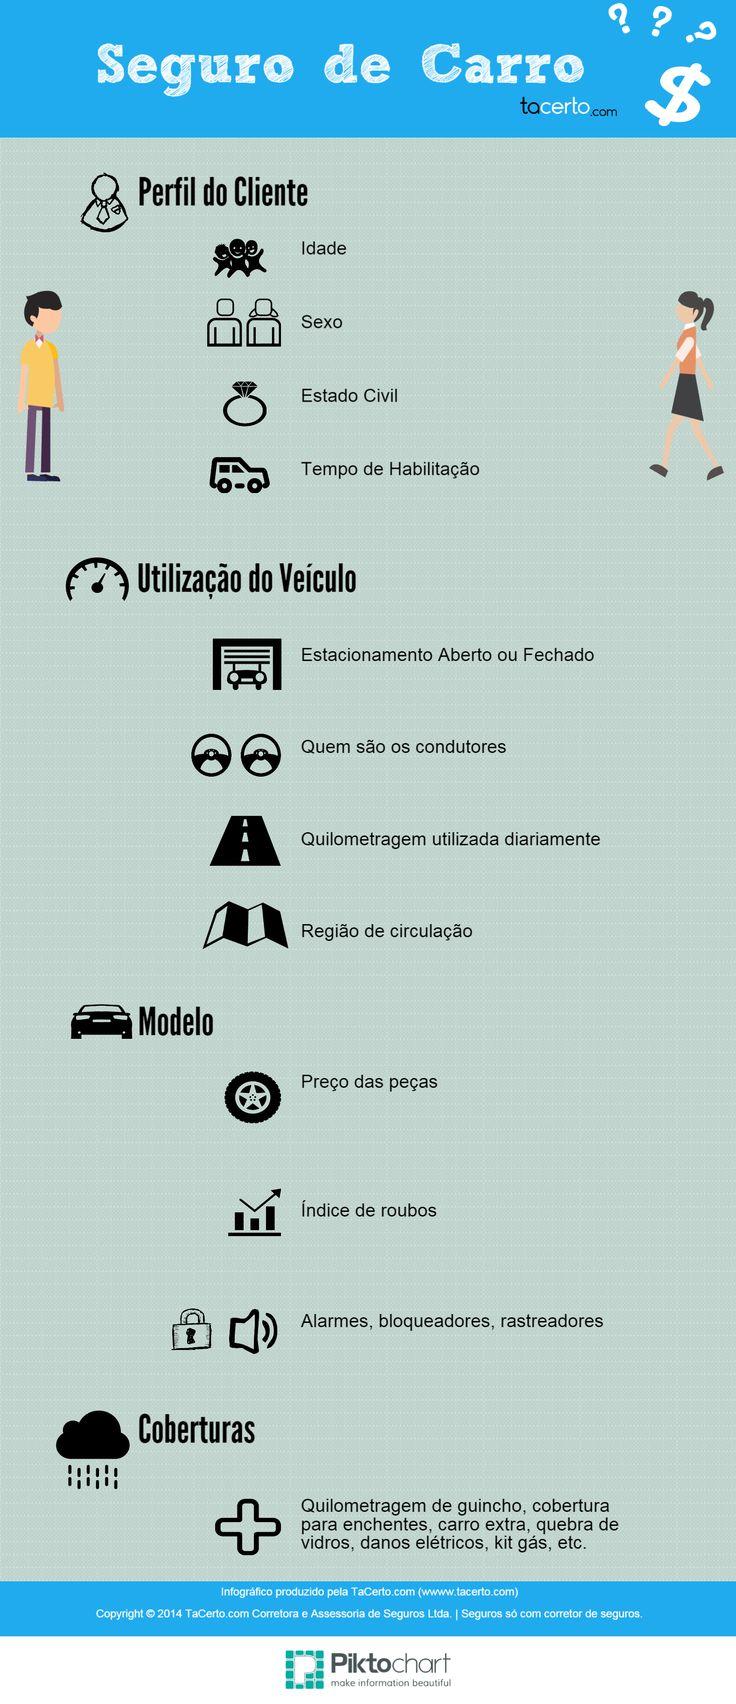 Muitas coisas influenciam no valor de seu seguro de carro e a TaCerto.com reuniu aqui os principais fatores. Faça uma simulação em nosso site e conheça o preço do seu seguro em diversas seguradoras: http://tacer.to/1vUSKUd